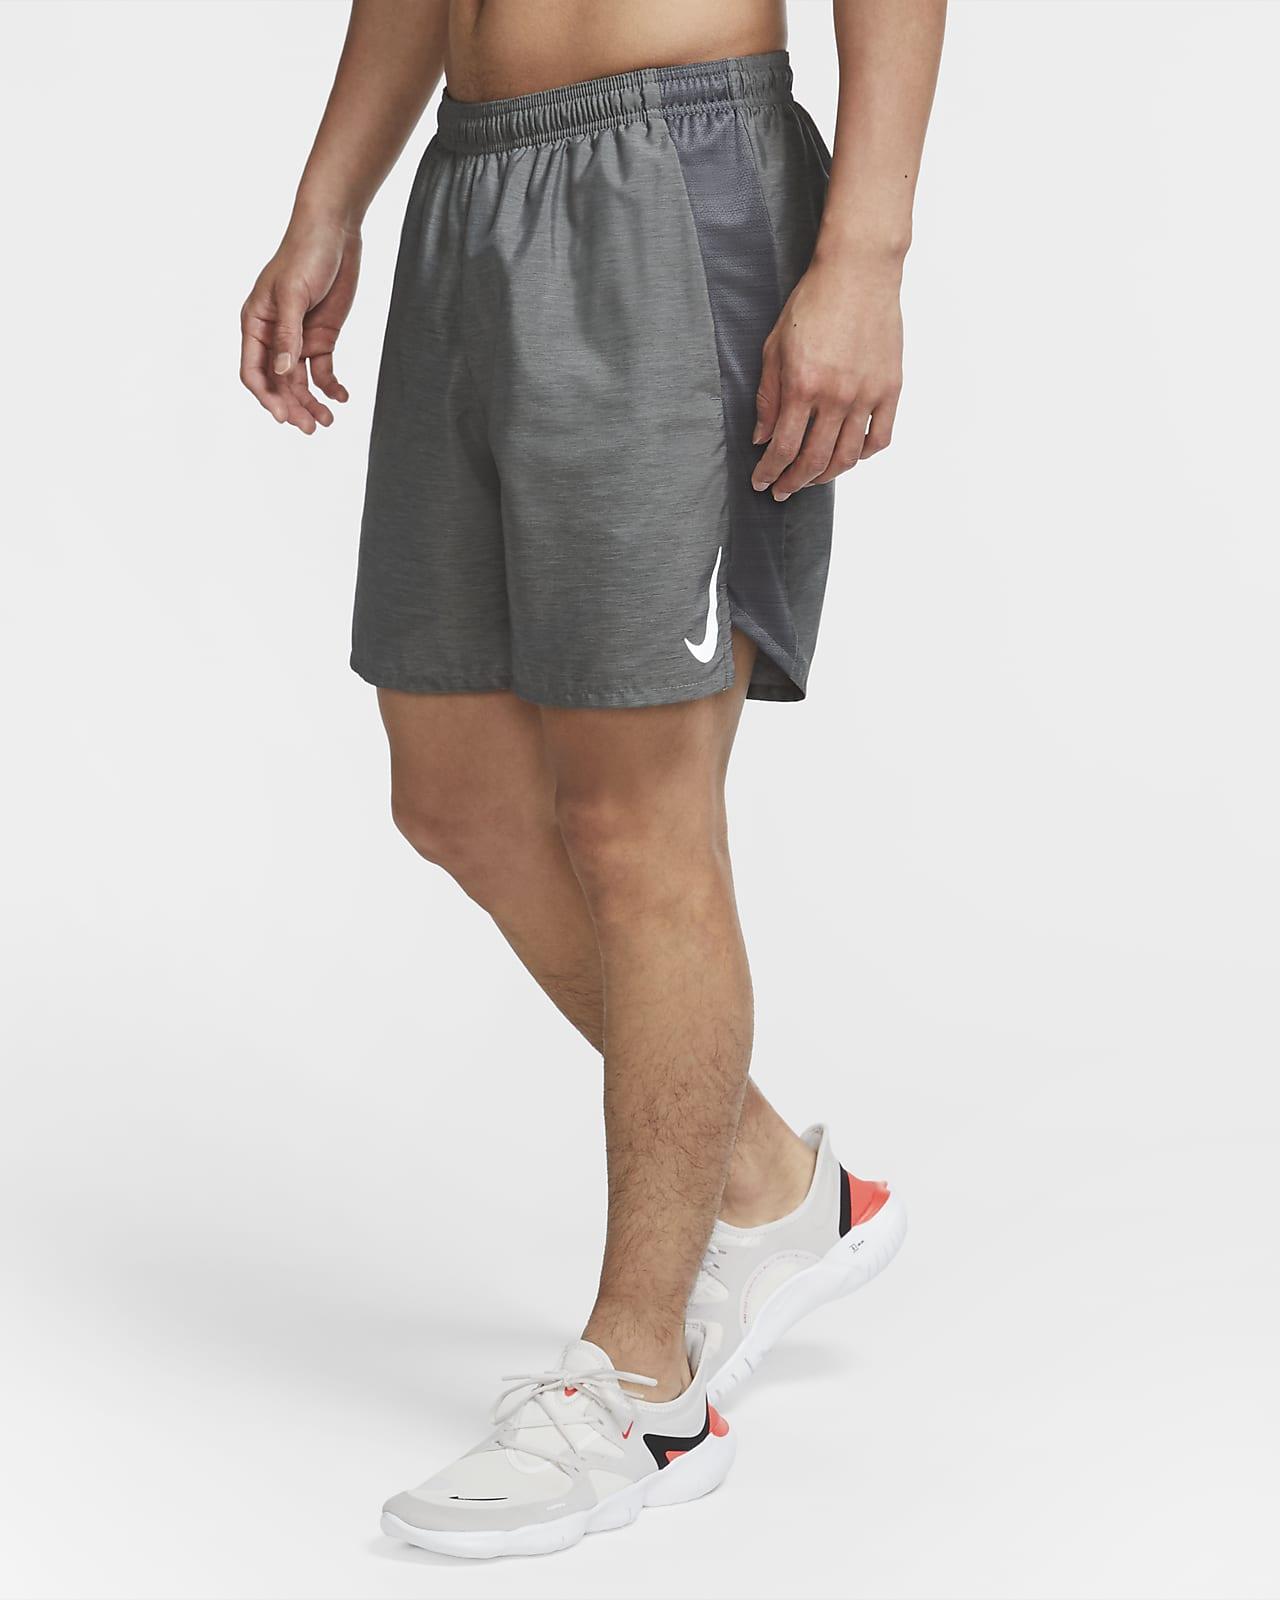 Nike Challenger fôret løpeshorts til herre (18 cm)